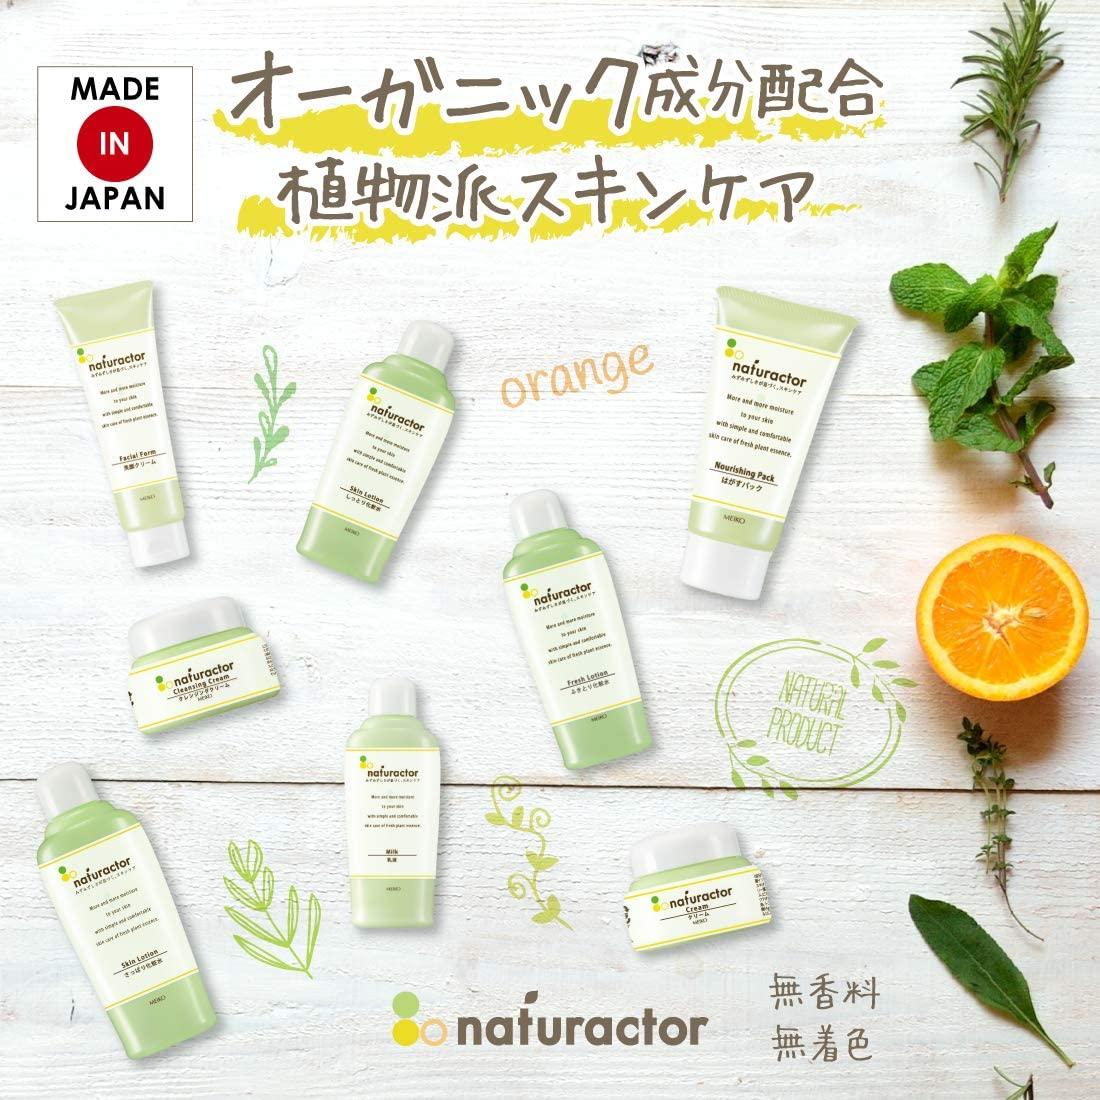 メイコーnaturactor(ナチュラクター) ミルクの商品画像2